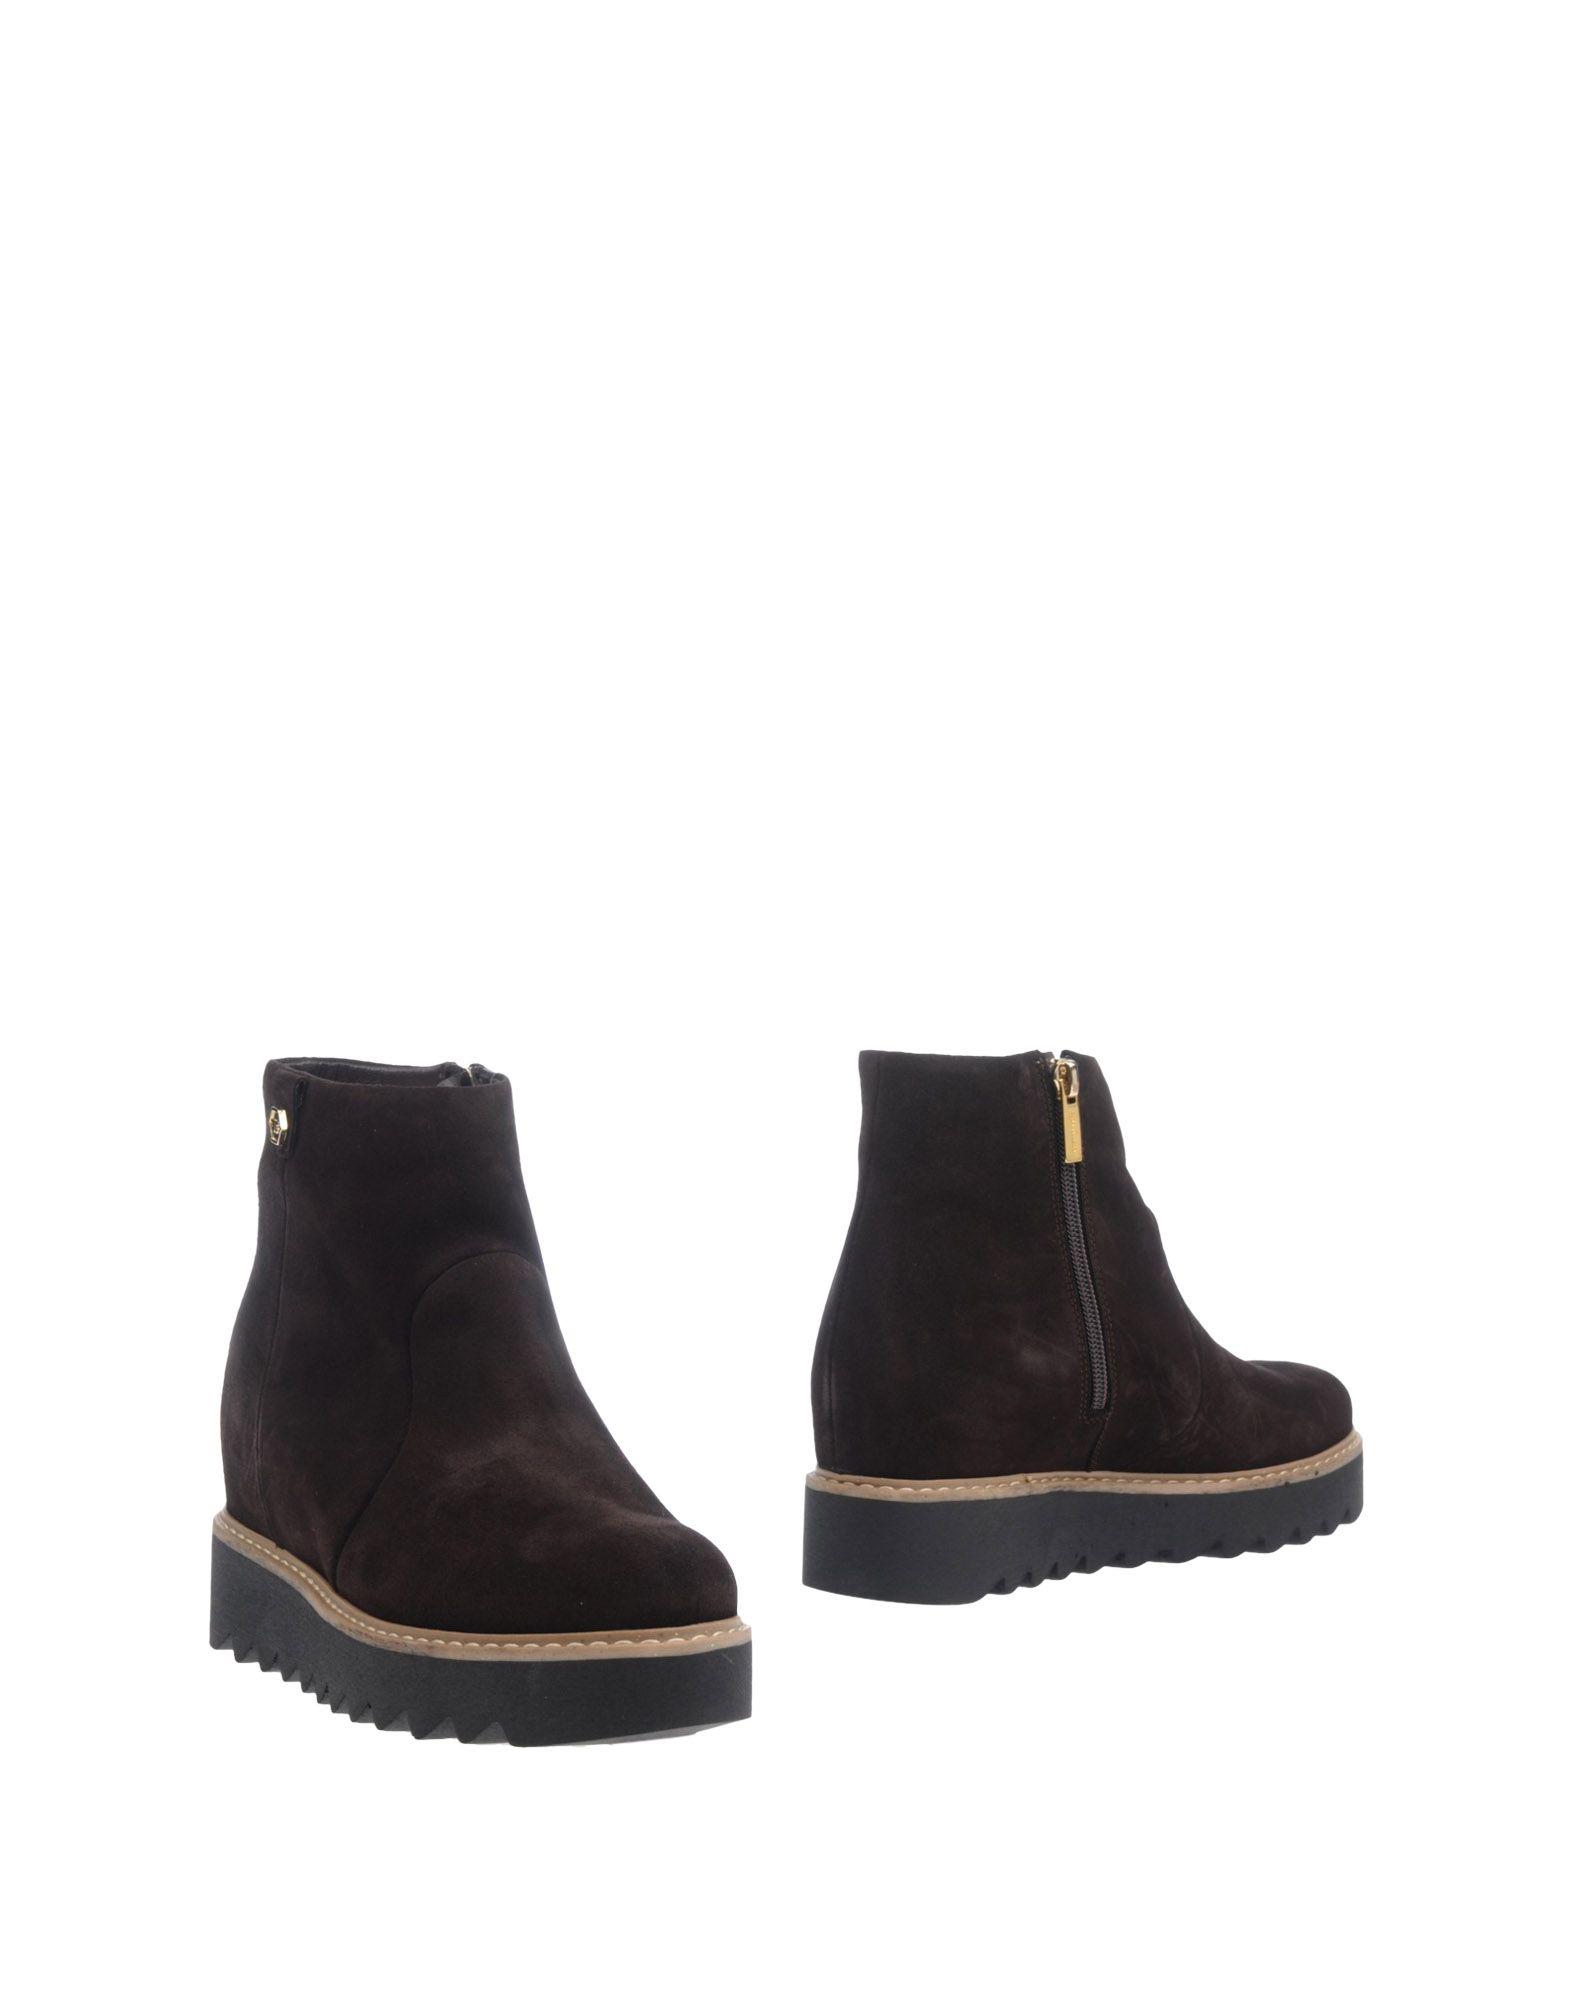 Stilvolle Fiorangelo billige Schuhe Fiorangelo Stilvolle Stiefelette Damen  11291491QH 77e853